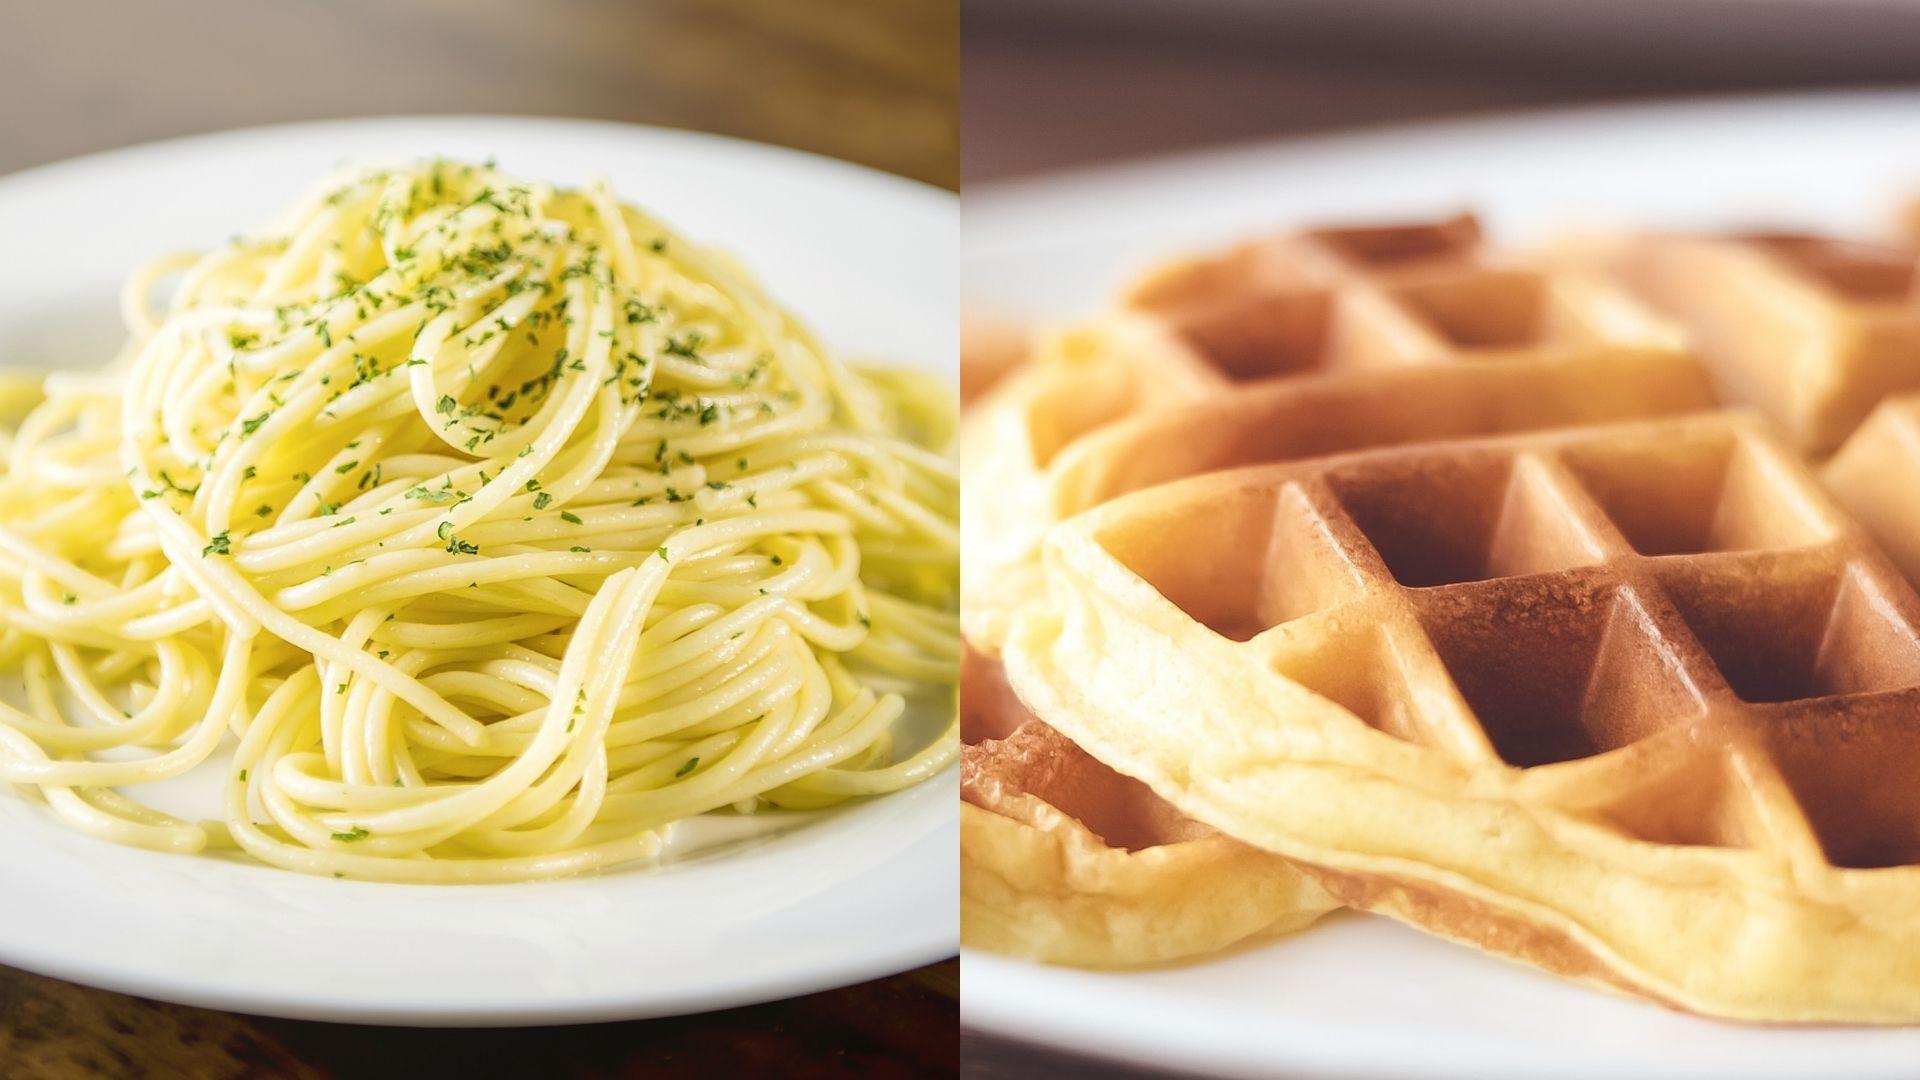 Play Therapy (spaghetti) vs. Talk Therapy (waffles) : A Comparison